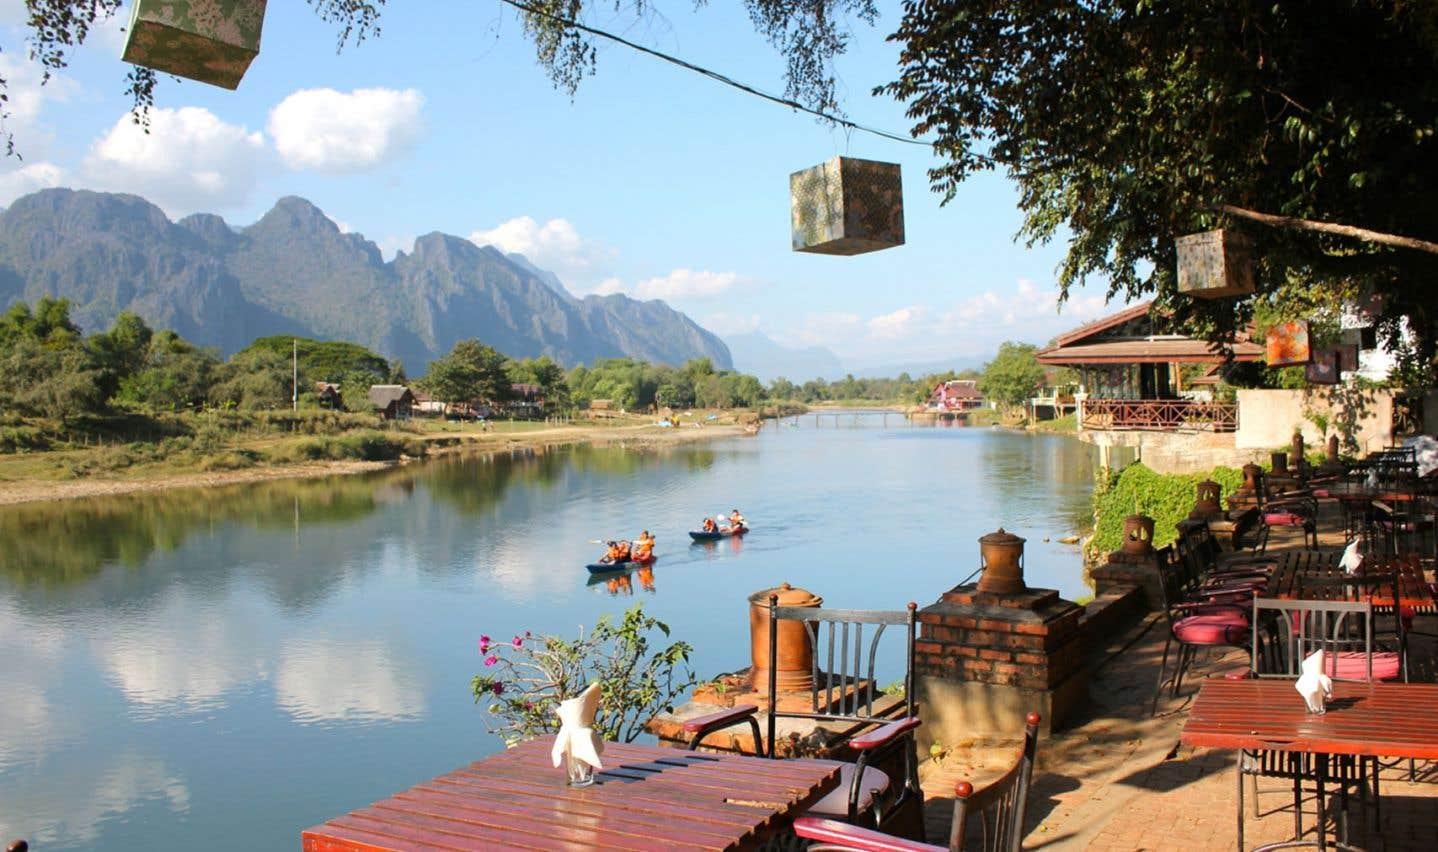 On séjourne à Vang Vieng, au Laos, pour profiter de la nature et faire quelques activités de plein air, le tout bien sobrement.